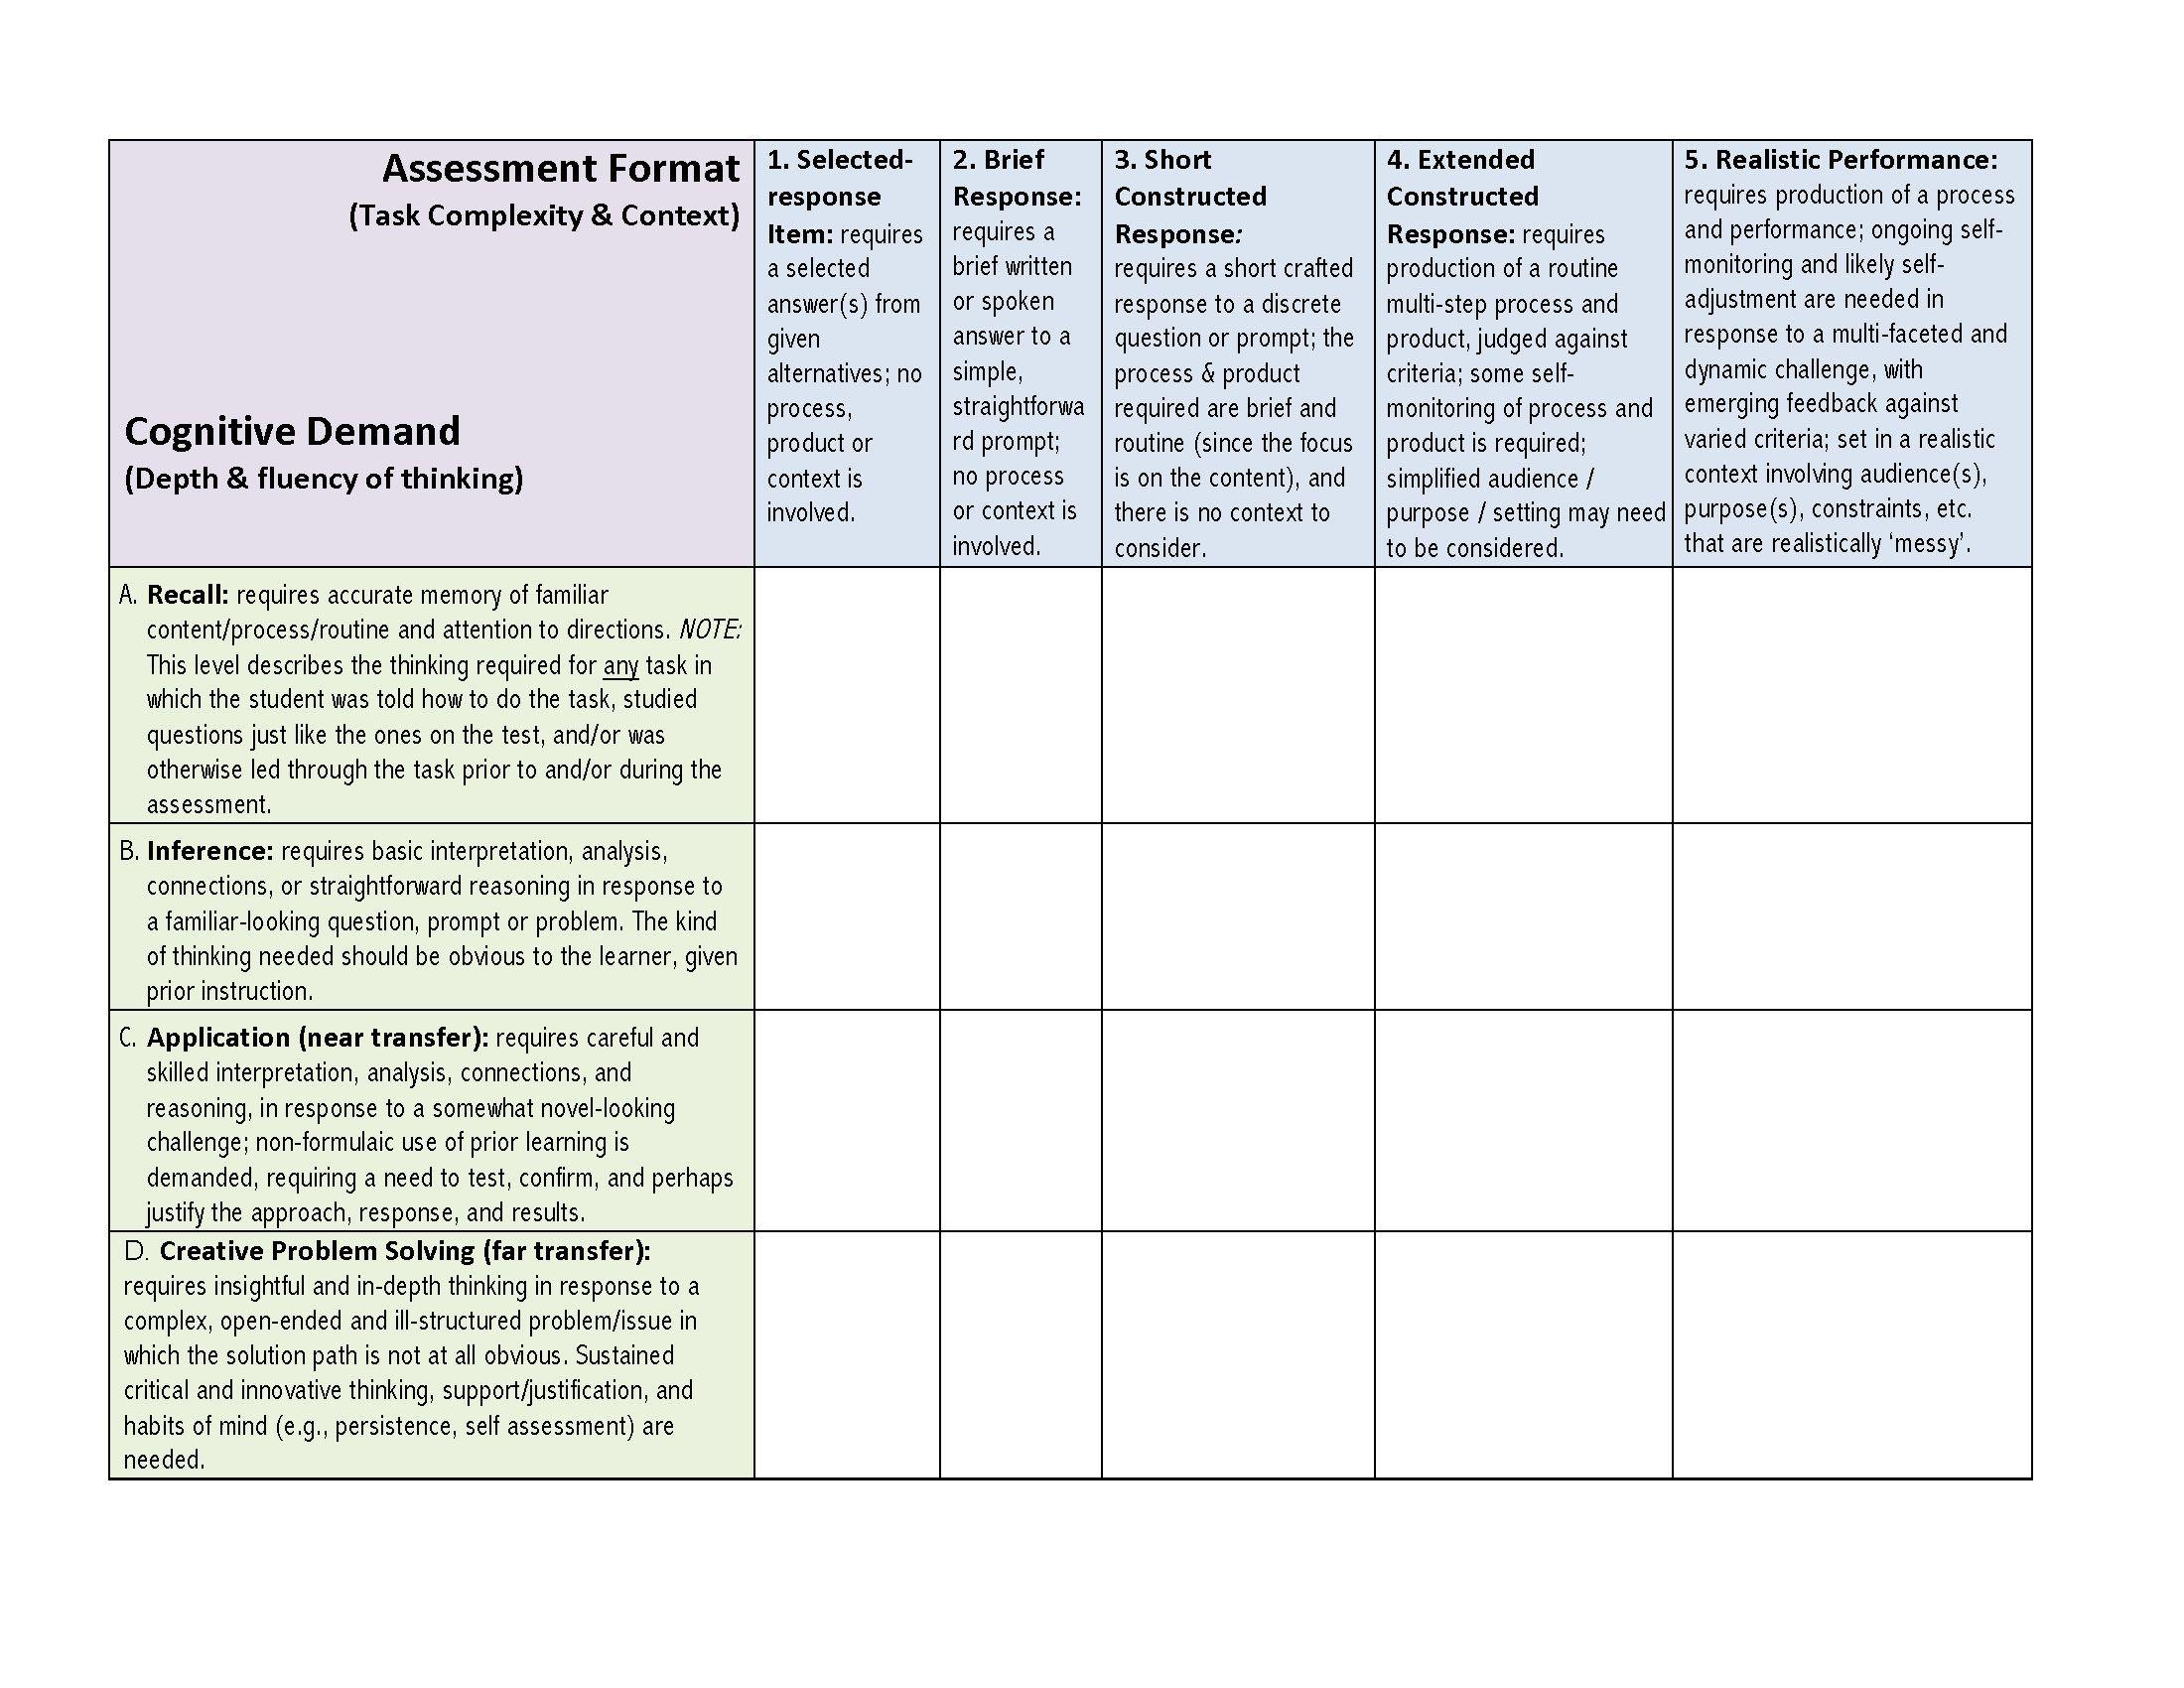 1 Audit Matrix For Assessments G Wiggins